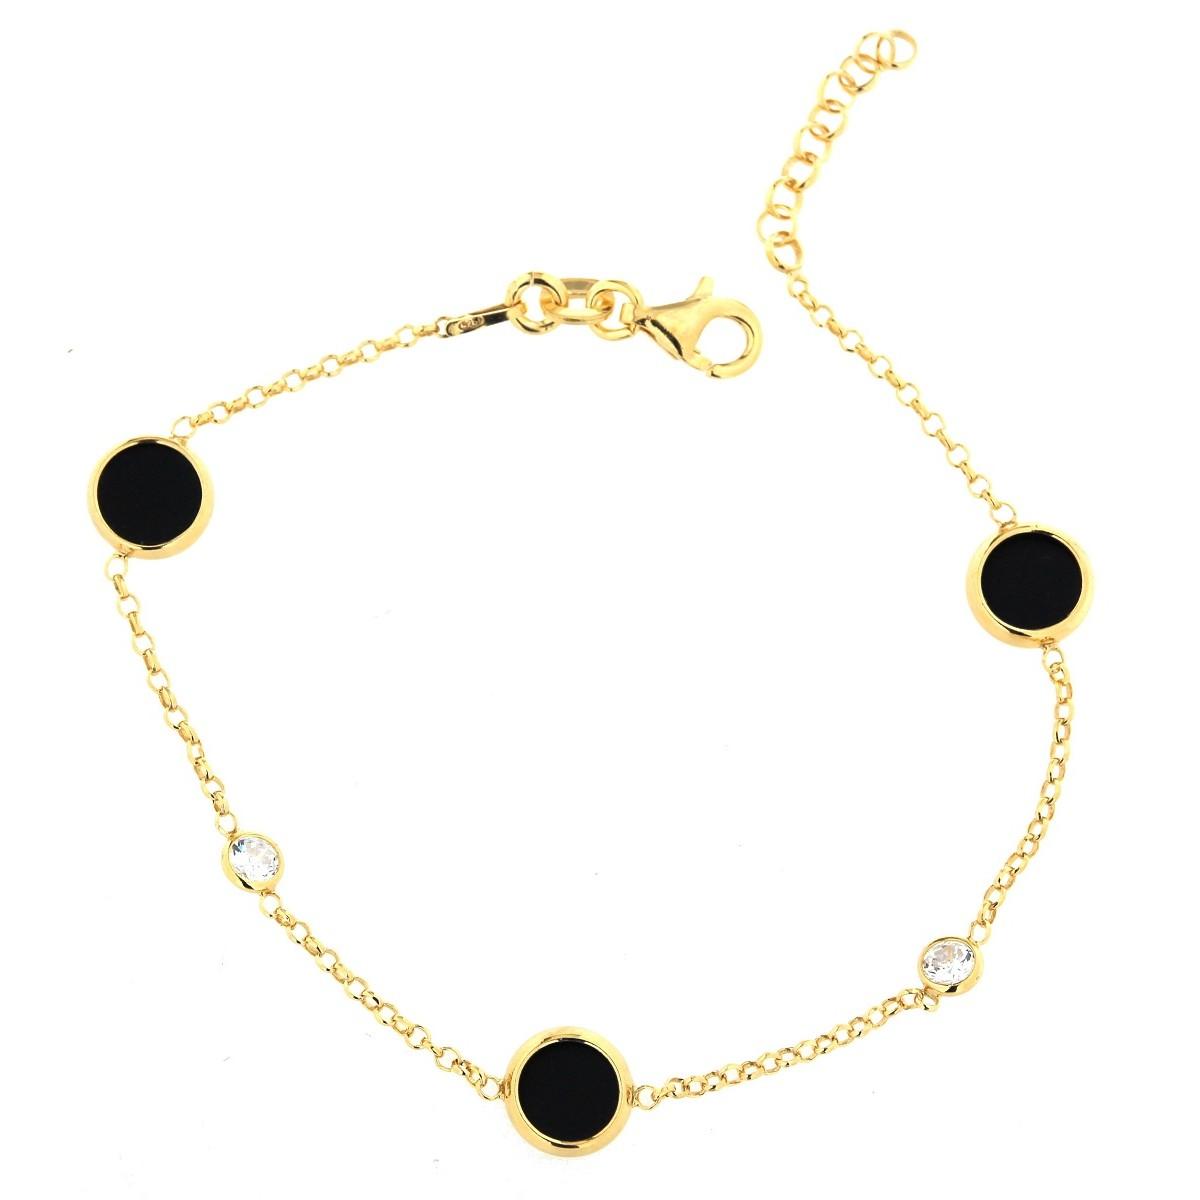 Γυναικεια Κοσμηματα Ασημένιο Βραχιόλι Verita. True Luxury 10223224 e81d8af2f01